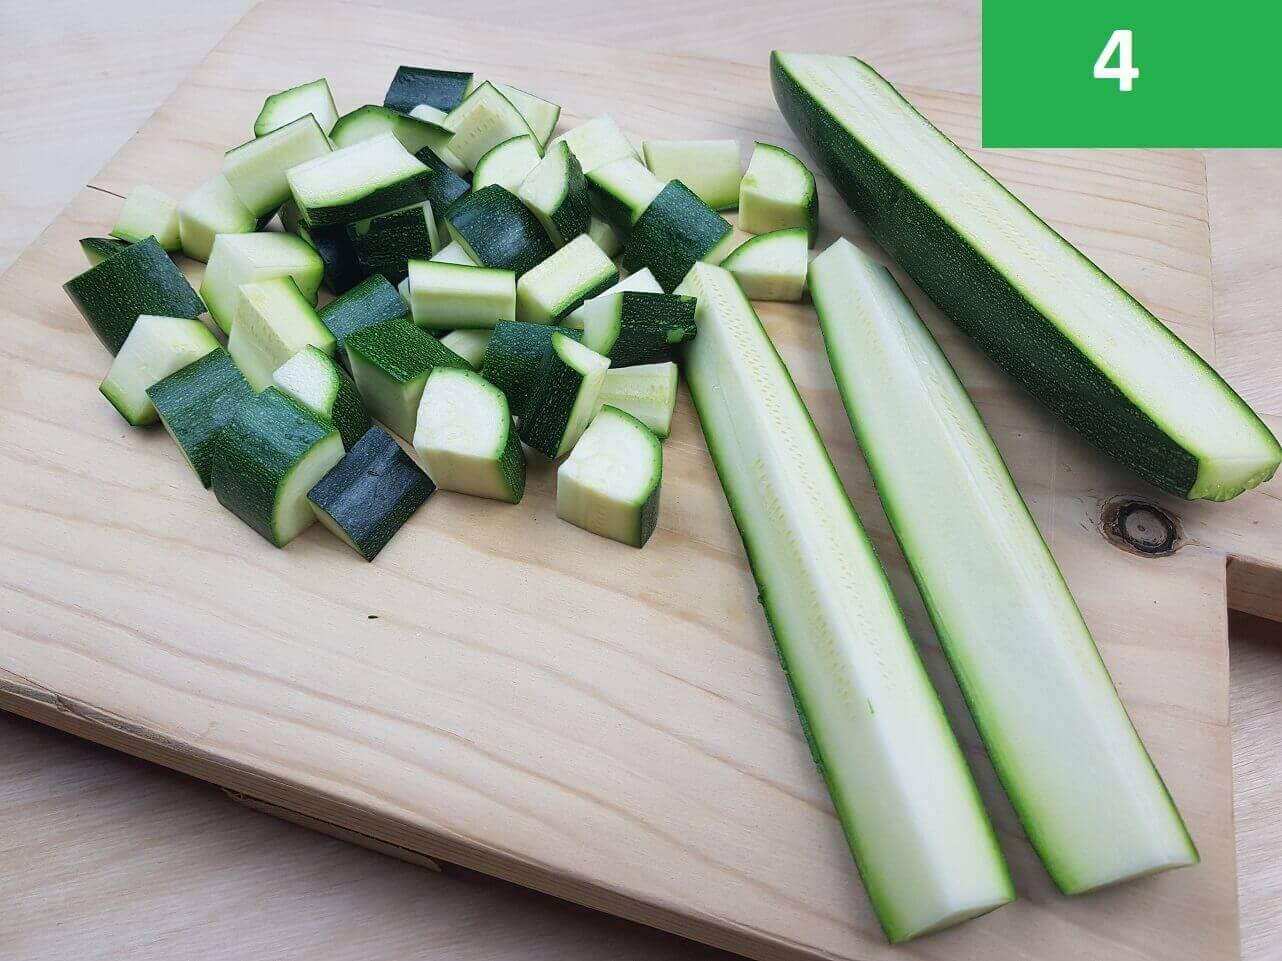 Come si prepara la pasta con le zucchine